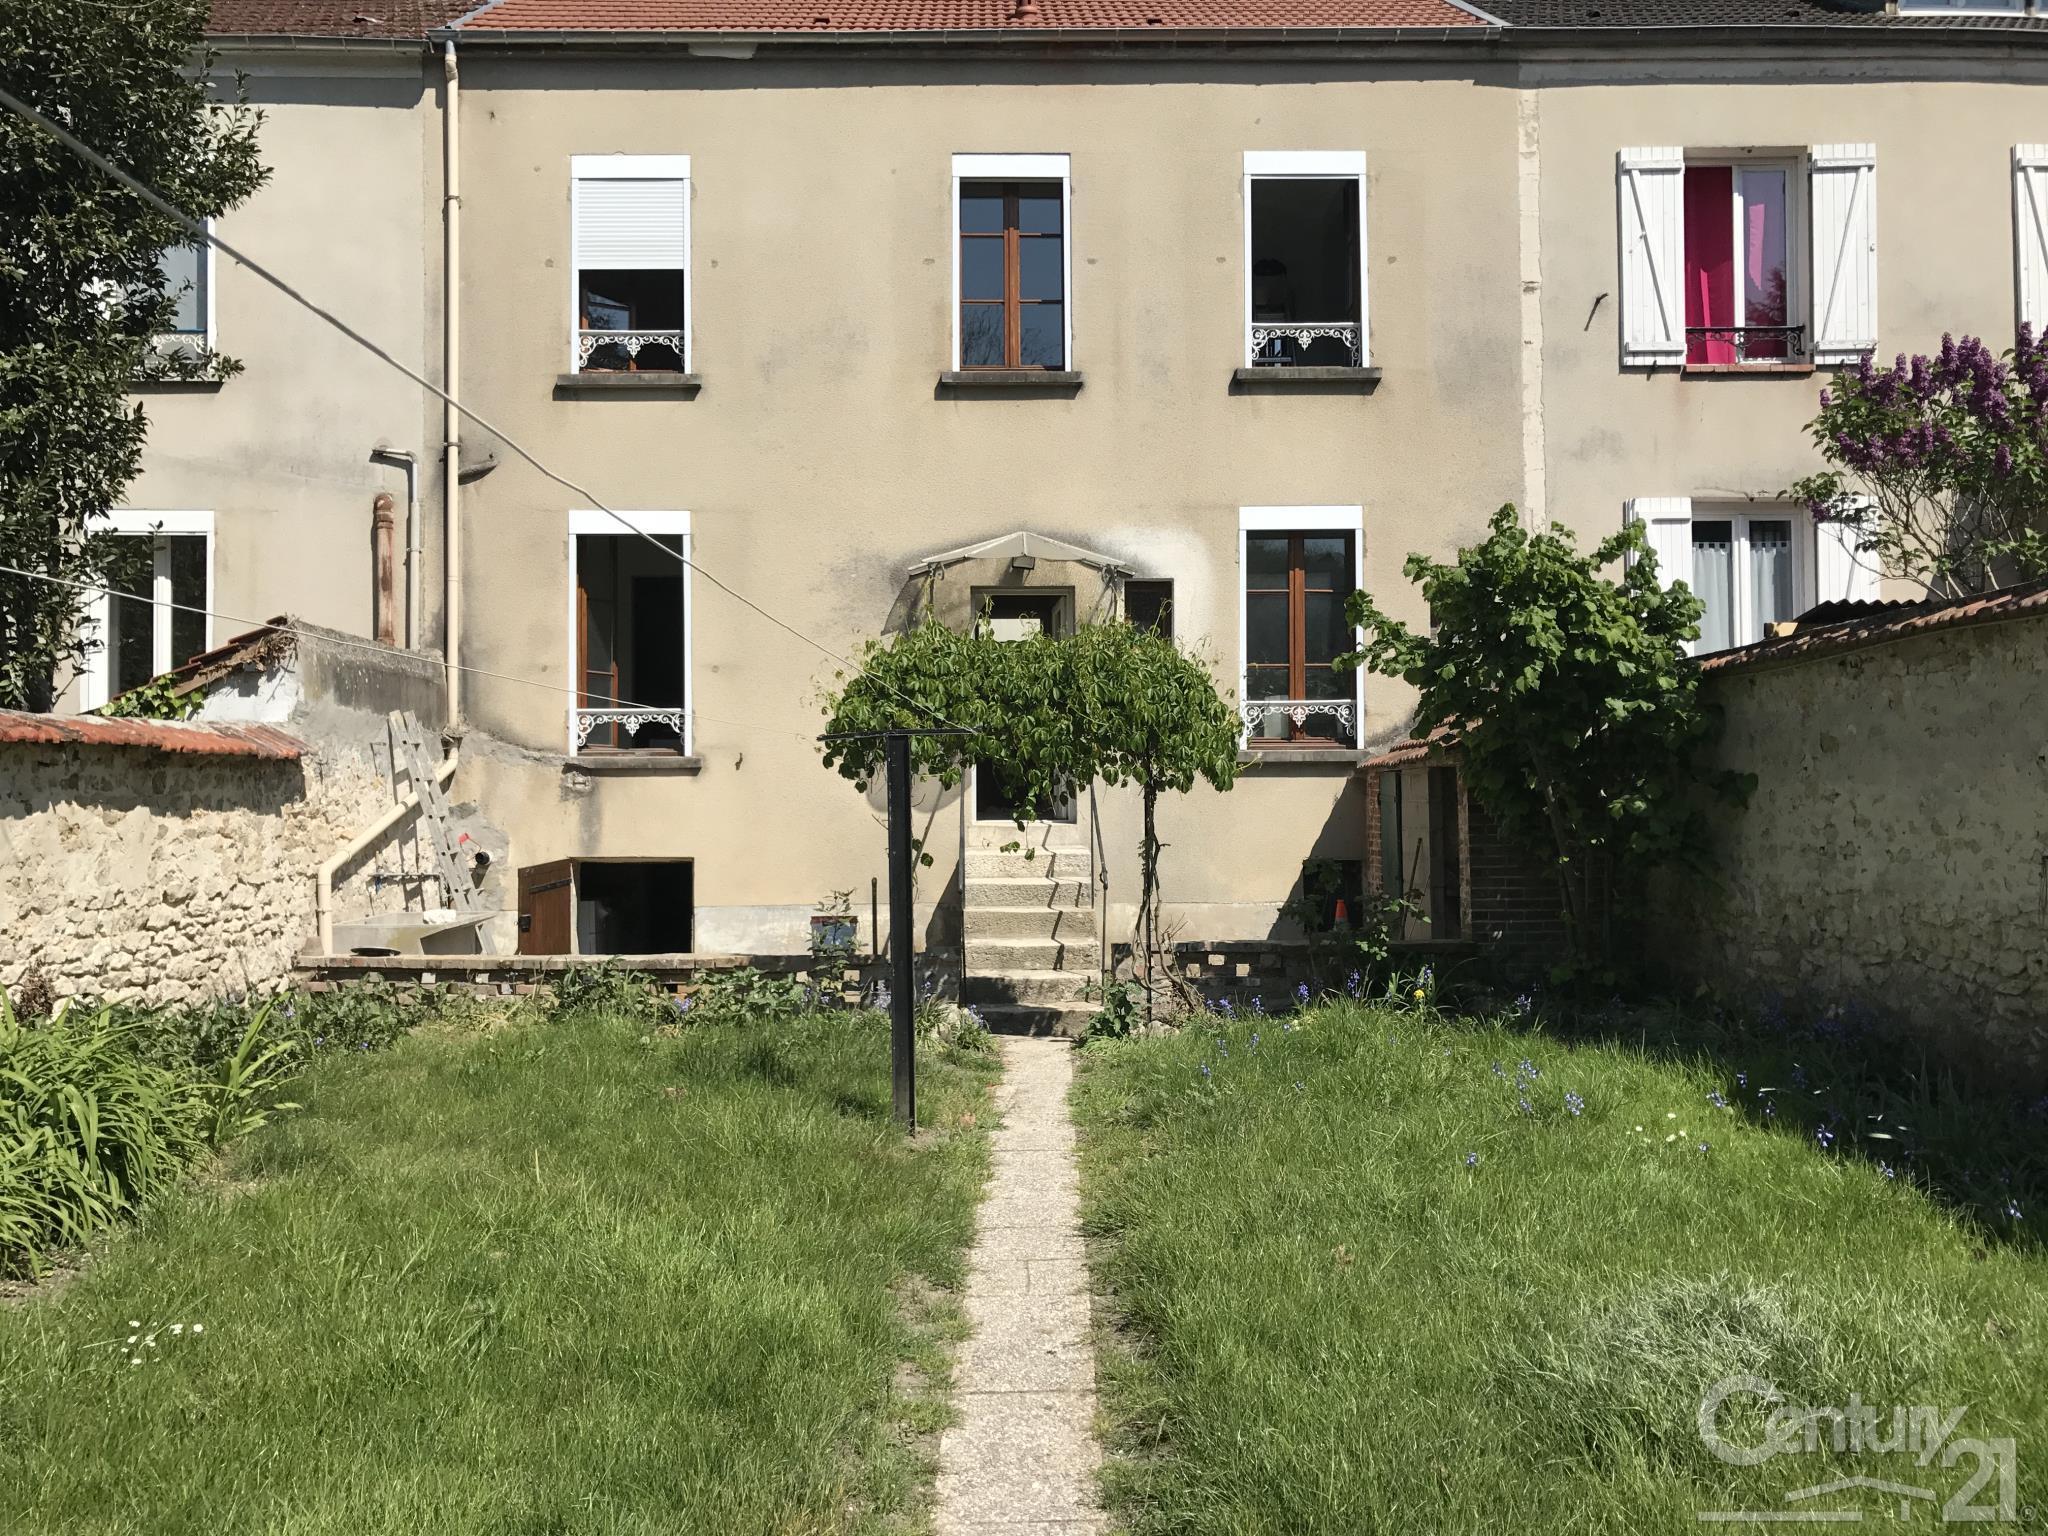 Annonce location maison nemours 77140 117 m 920 for Annonces location maison